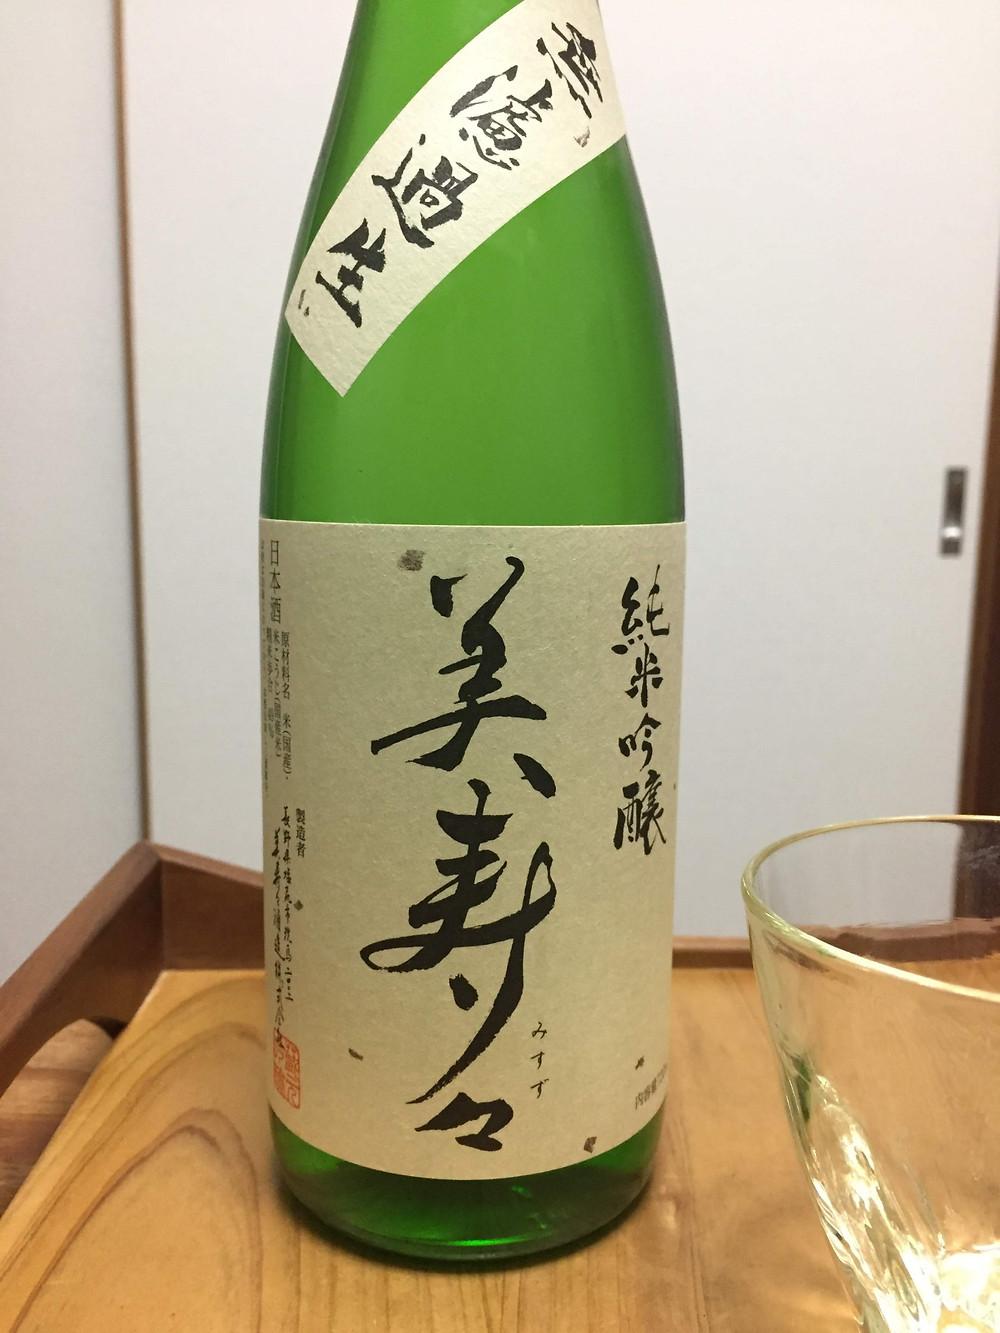 美寿々 酒 長野 信州